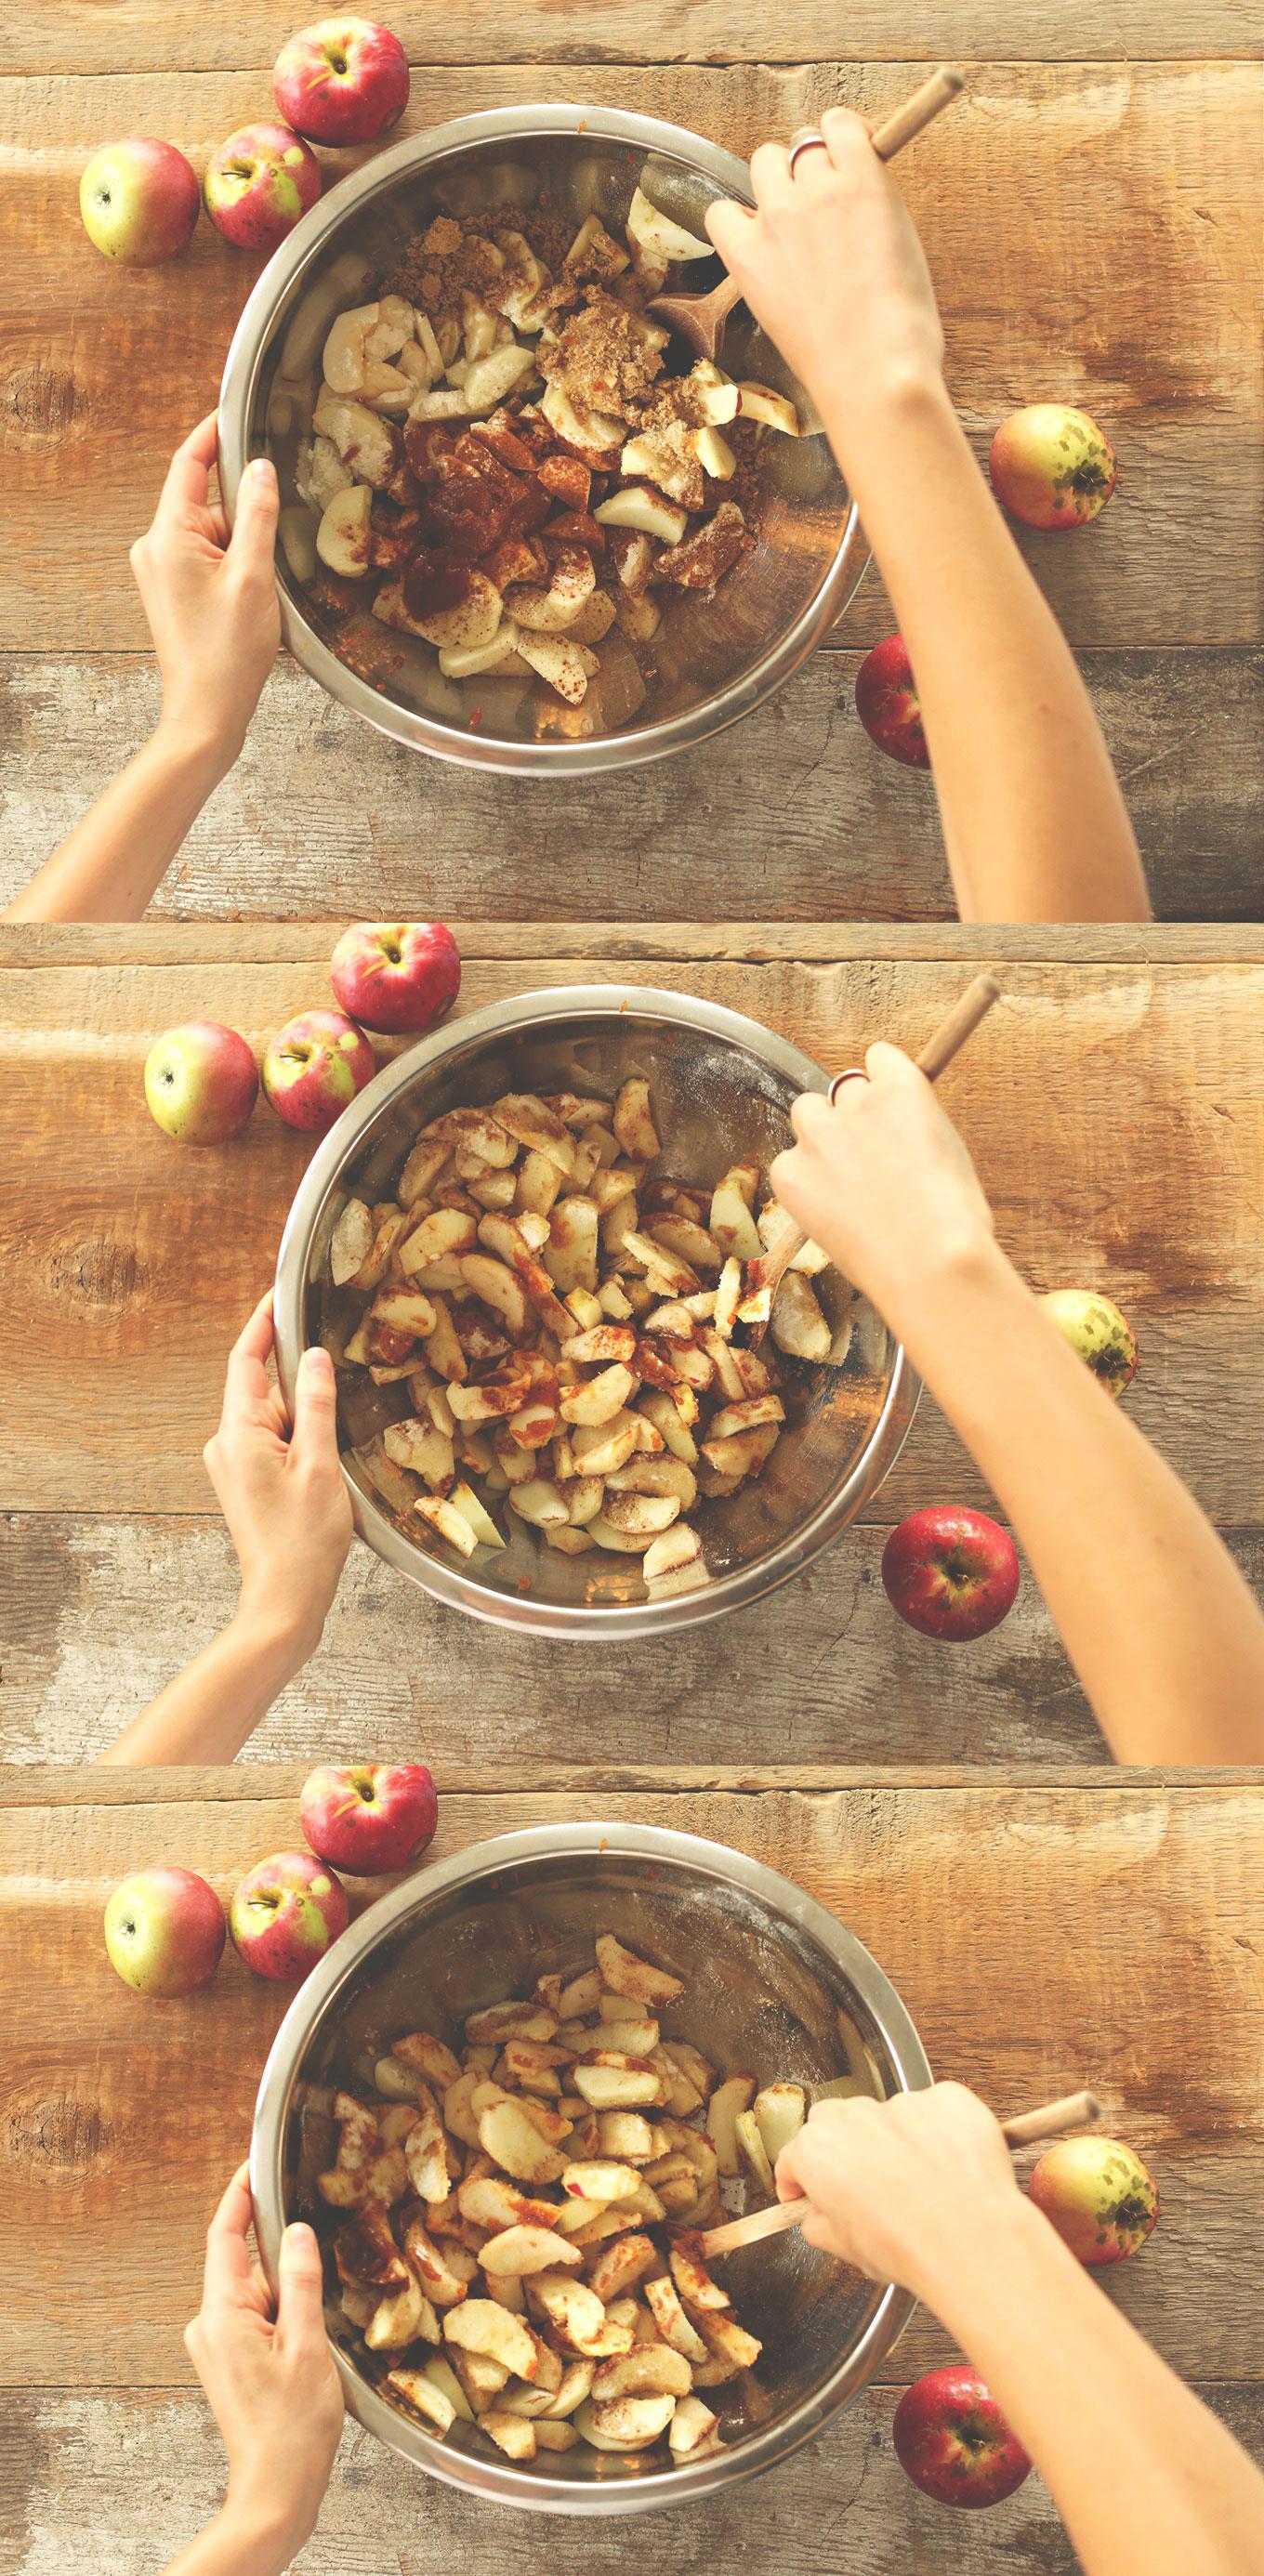 The result was an 8-ingredient apple pie with subtle pumpkin flavor ...